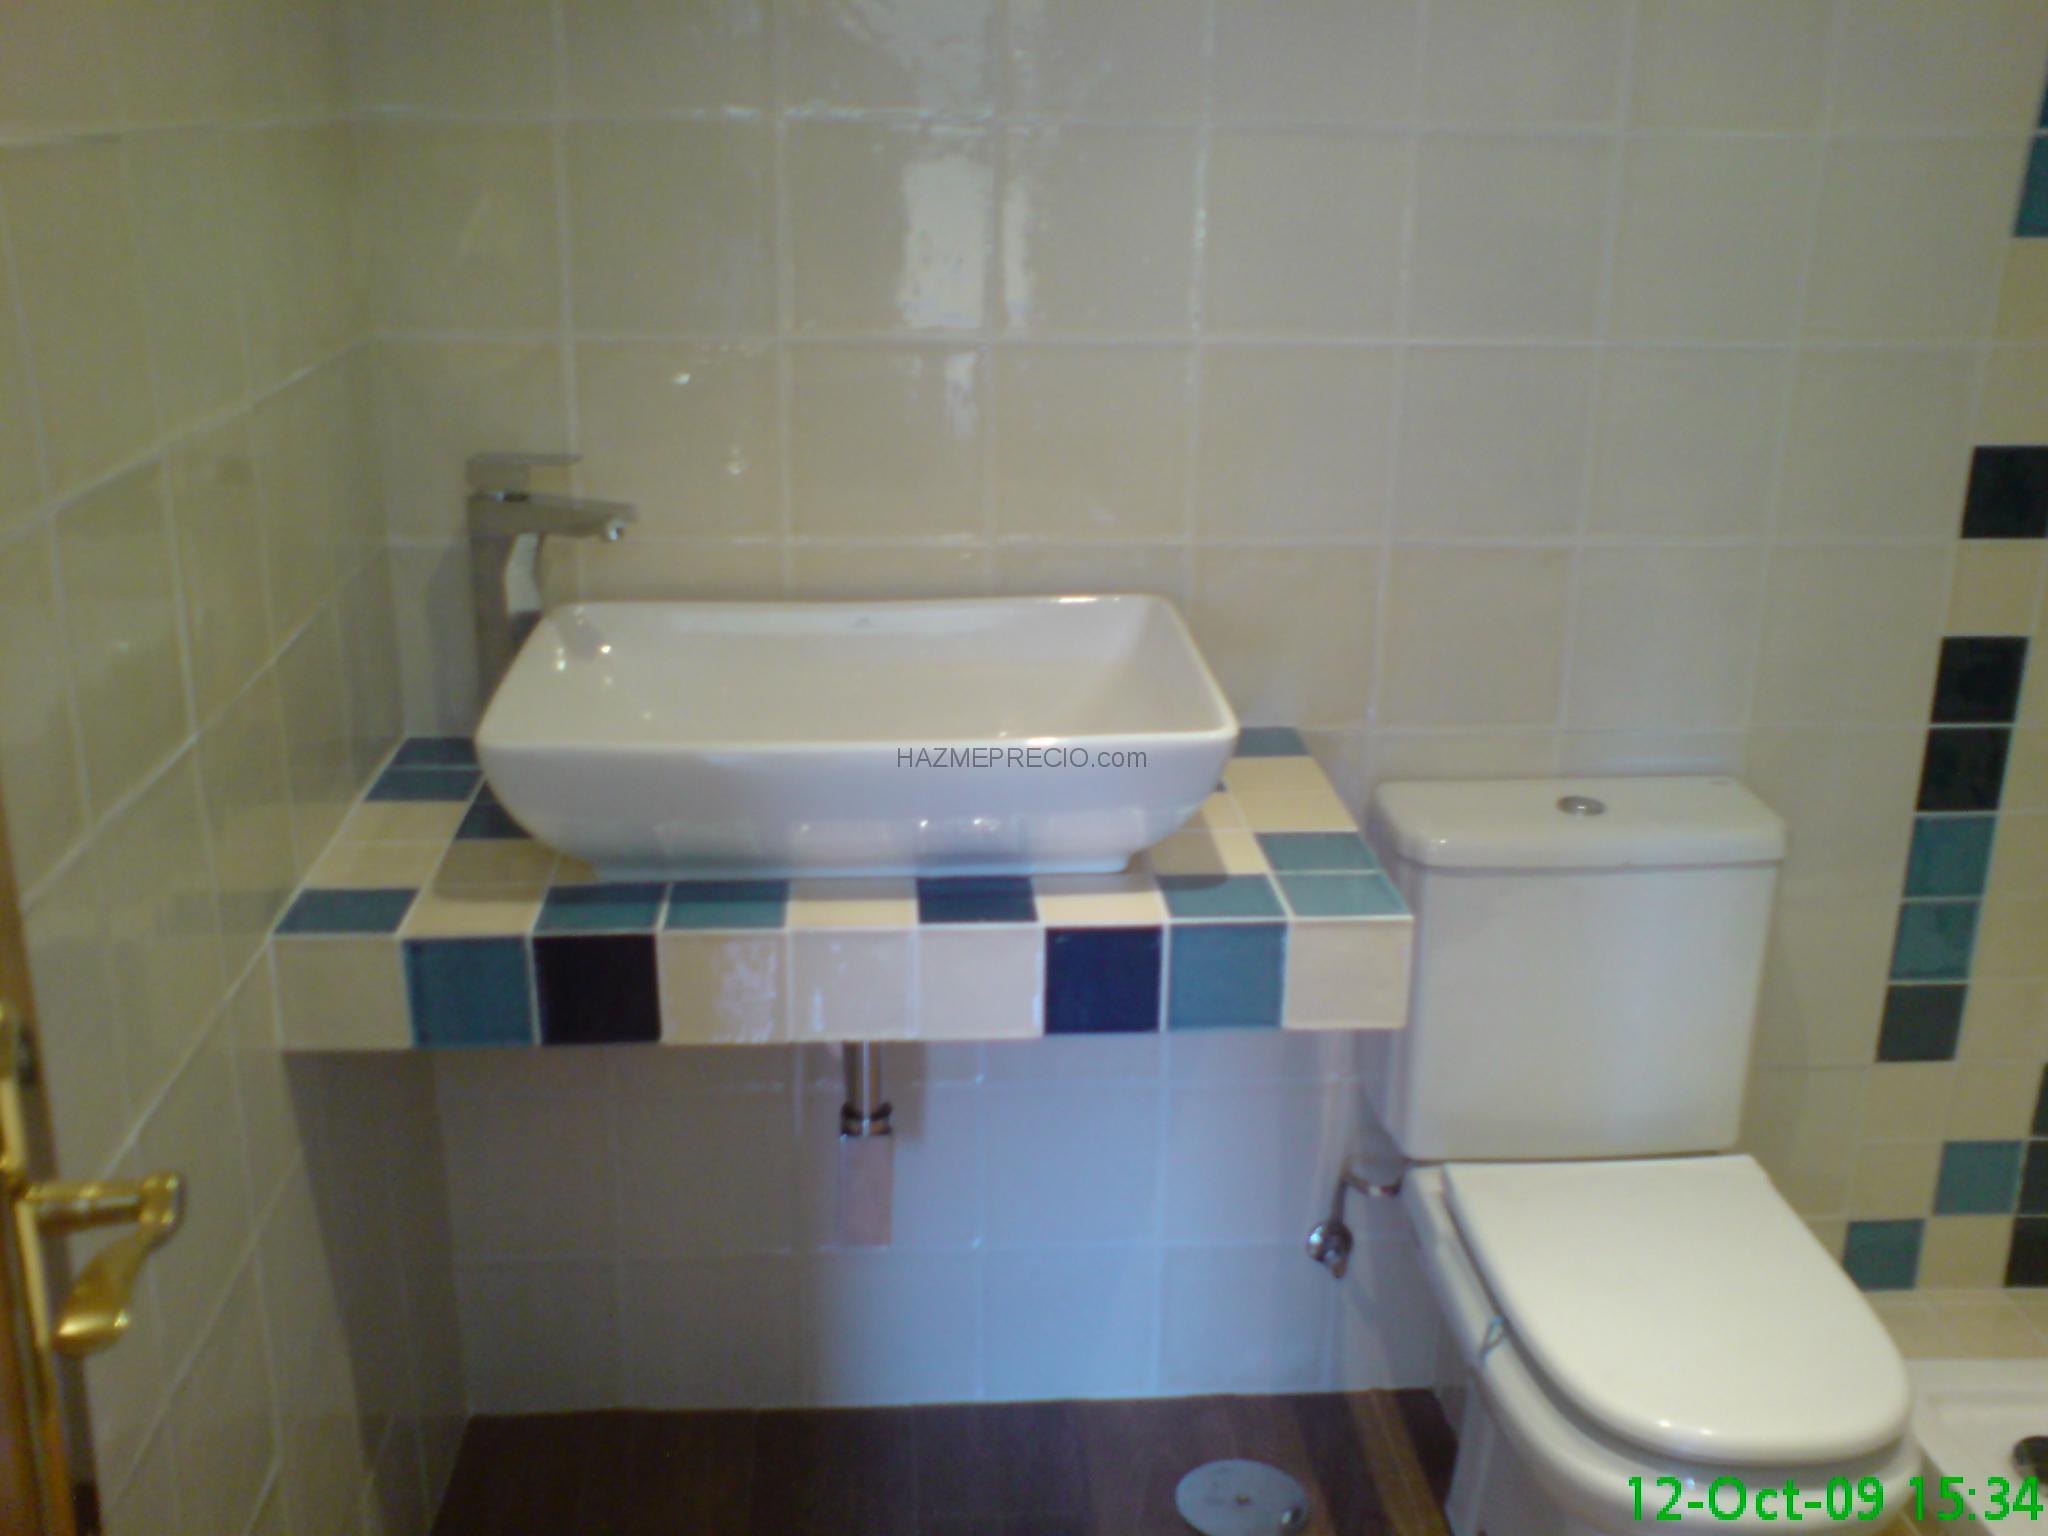 Imagenes De Muebles De Baño De Obra:Un baño muy bonito,linea moderna con encimera y mueble de obra